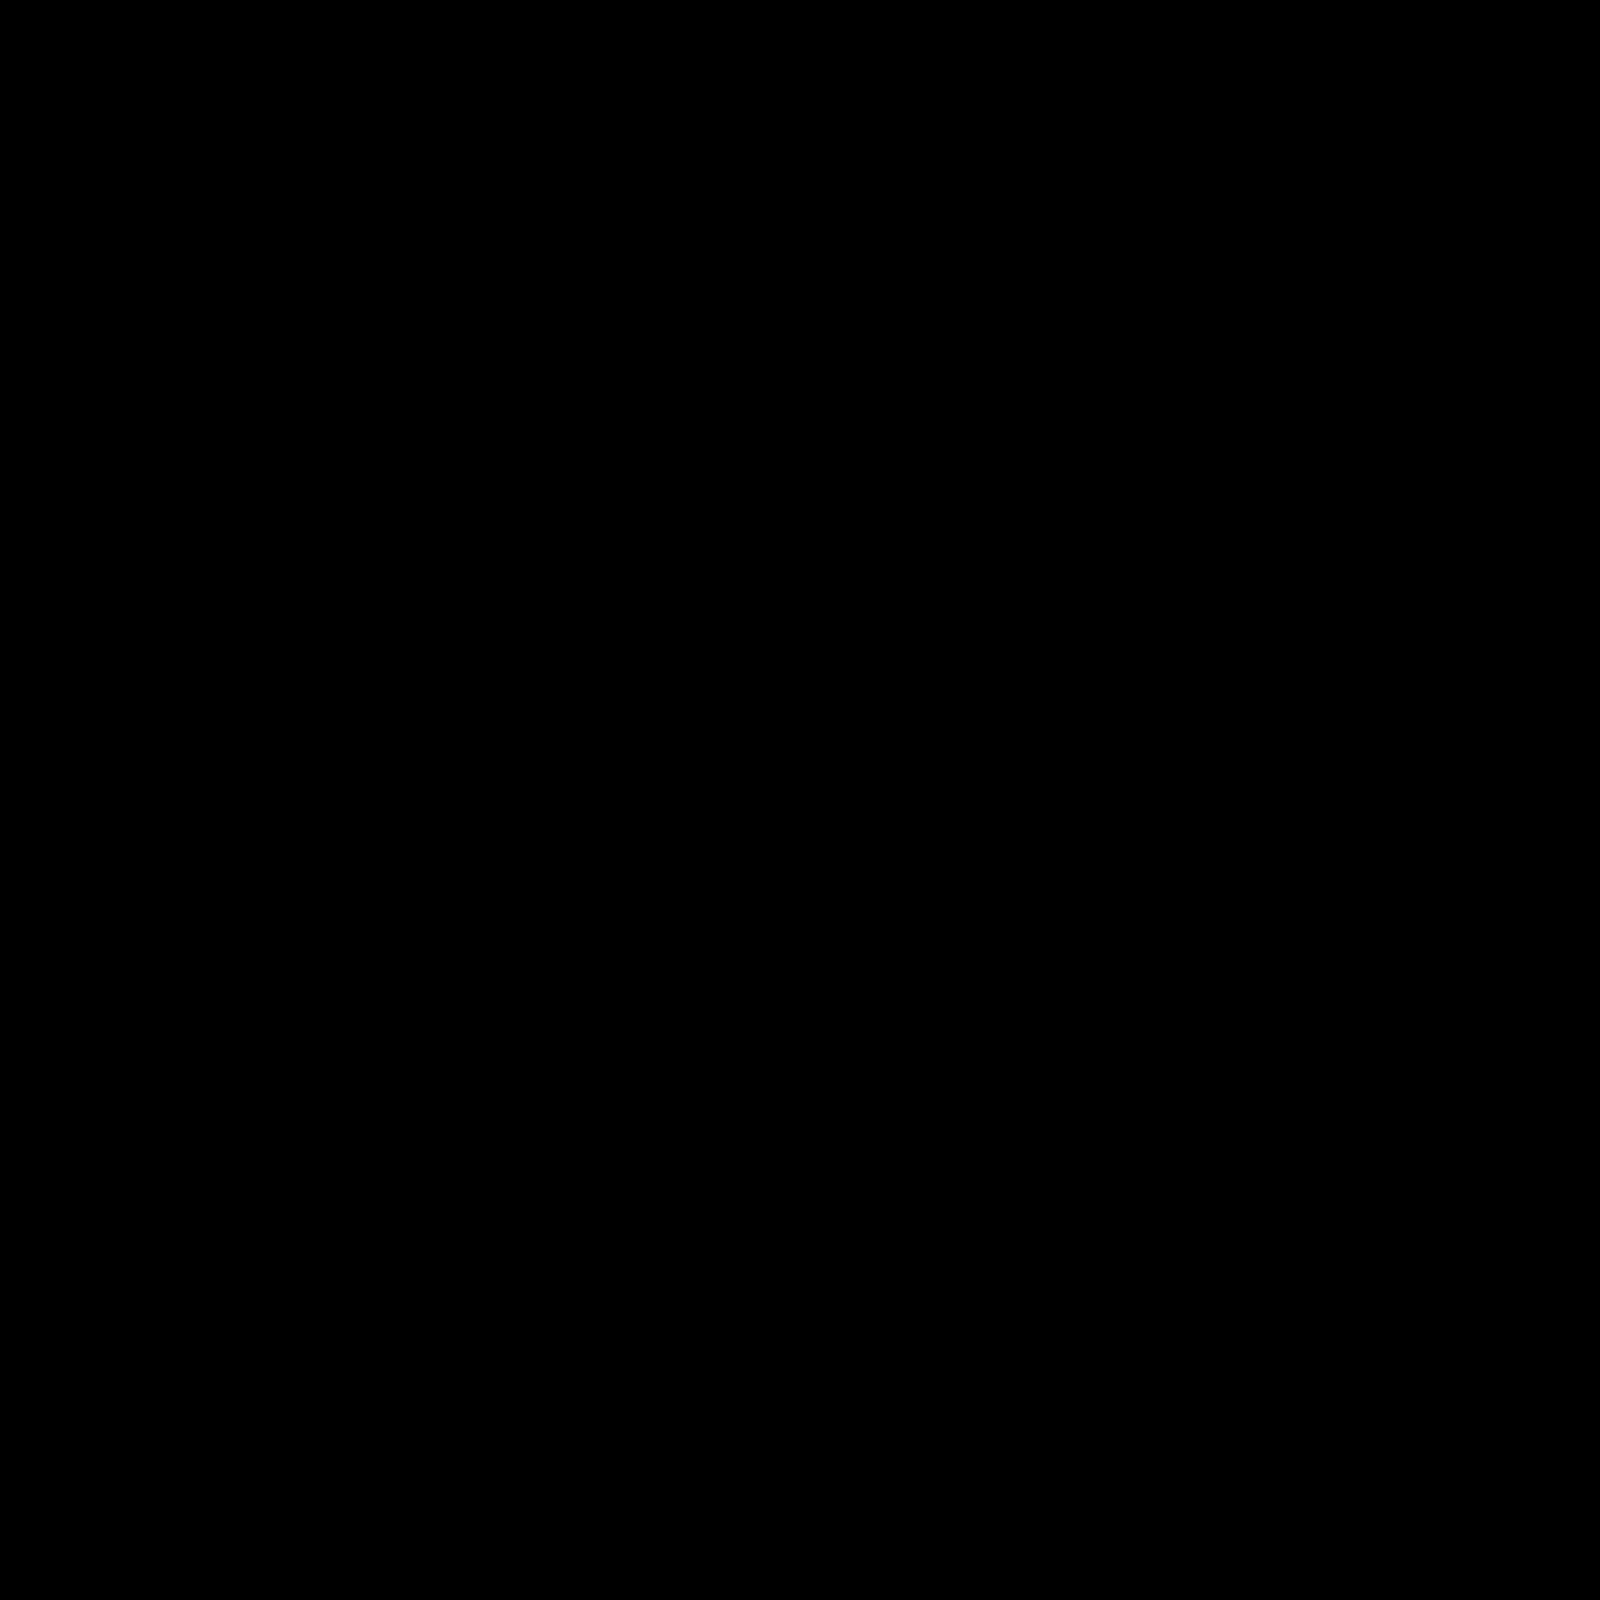 空沙漏 icon. Imagine the top shape of a wine glass without the stand and base, and now imagine another one that is upside down and they're both connected. Both of the openings of the whine glasses are enclosed from the top and bottom. There is space in the middle for small objects to pass through.